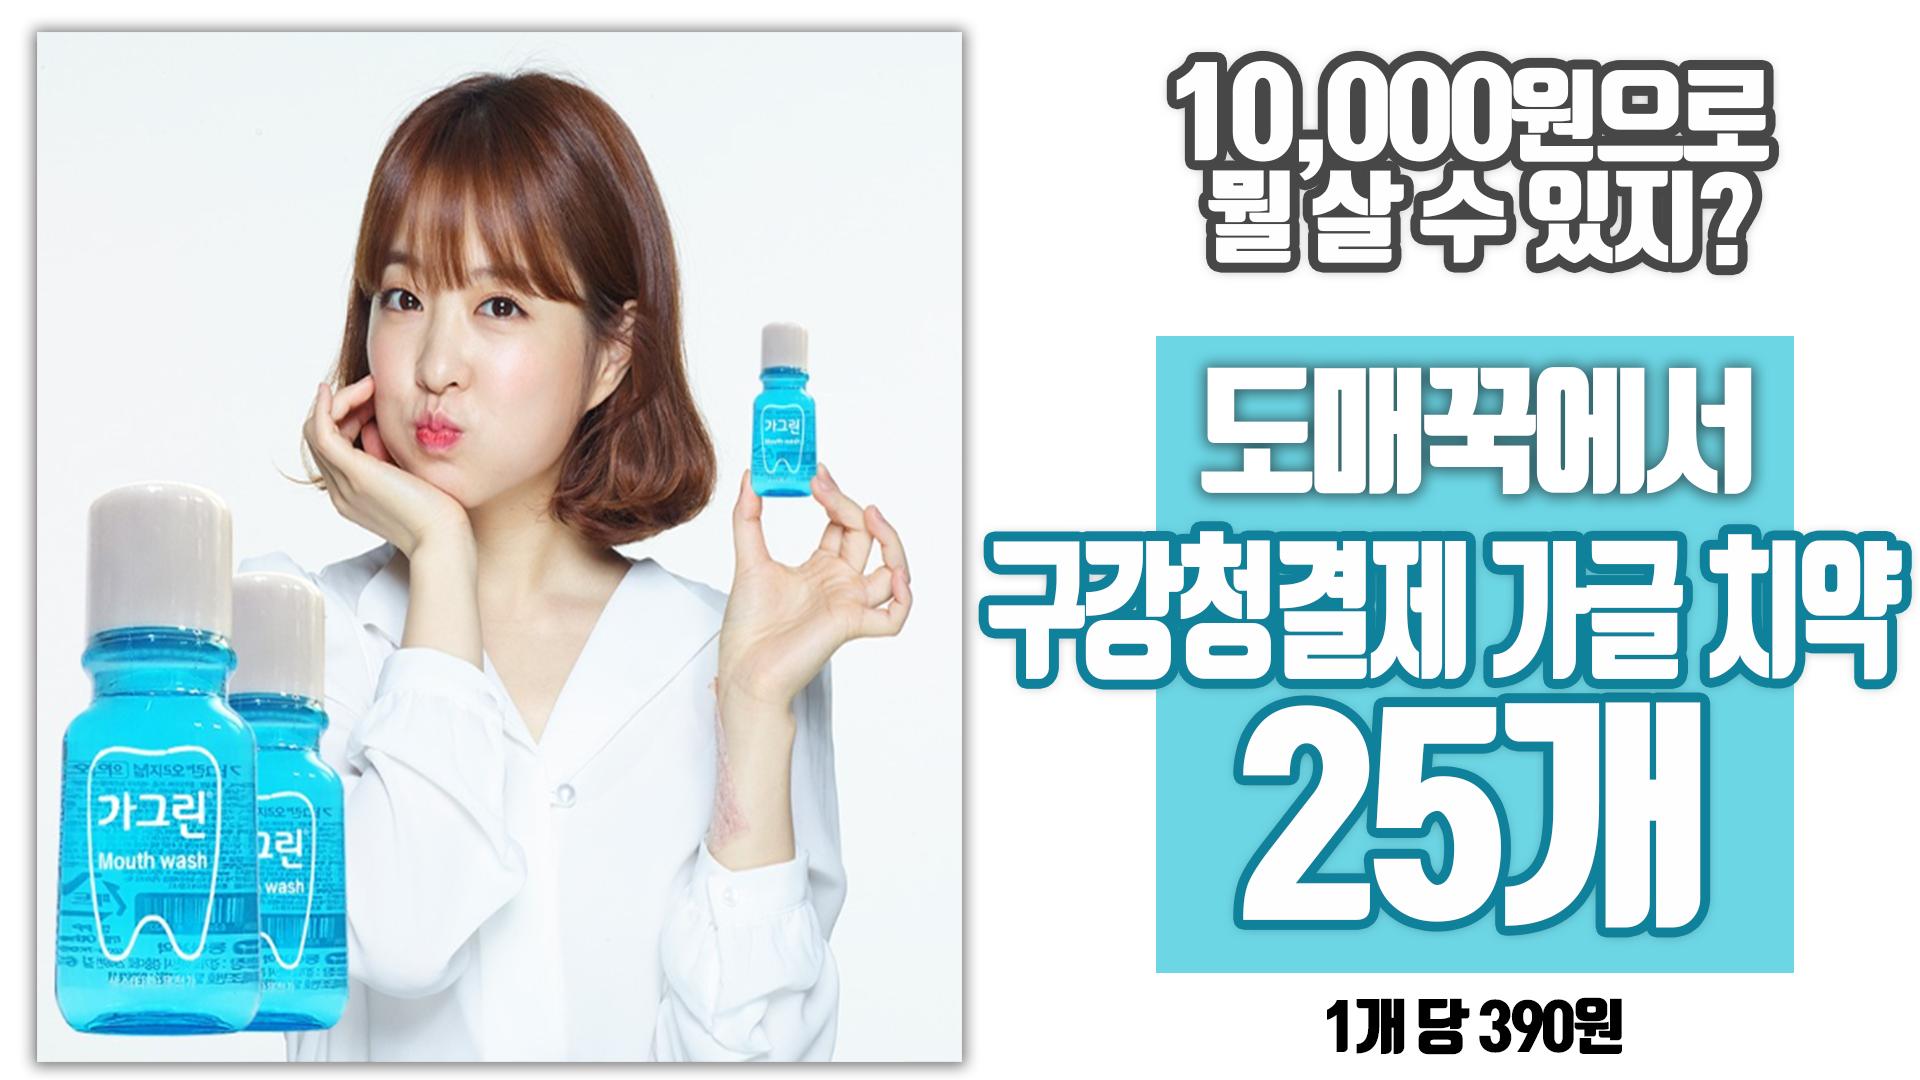 35ml 소형 가그린 구강청결제 가글 치약 입냄새제거제 판촉 사은품